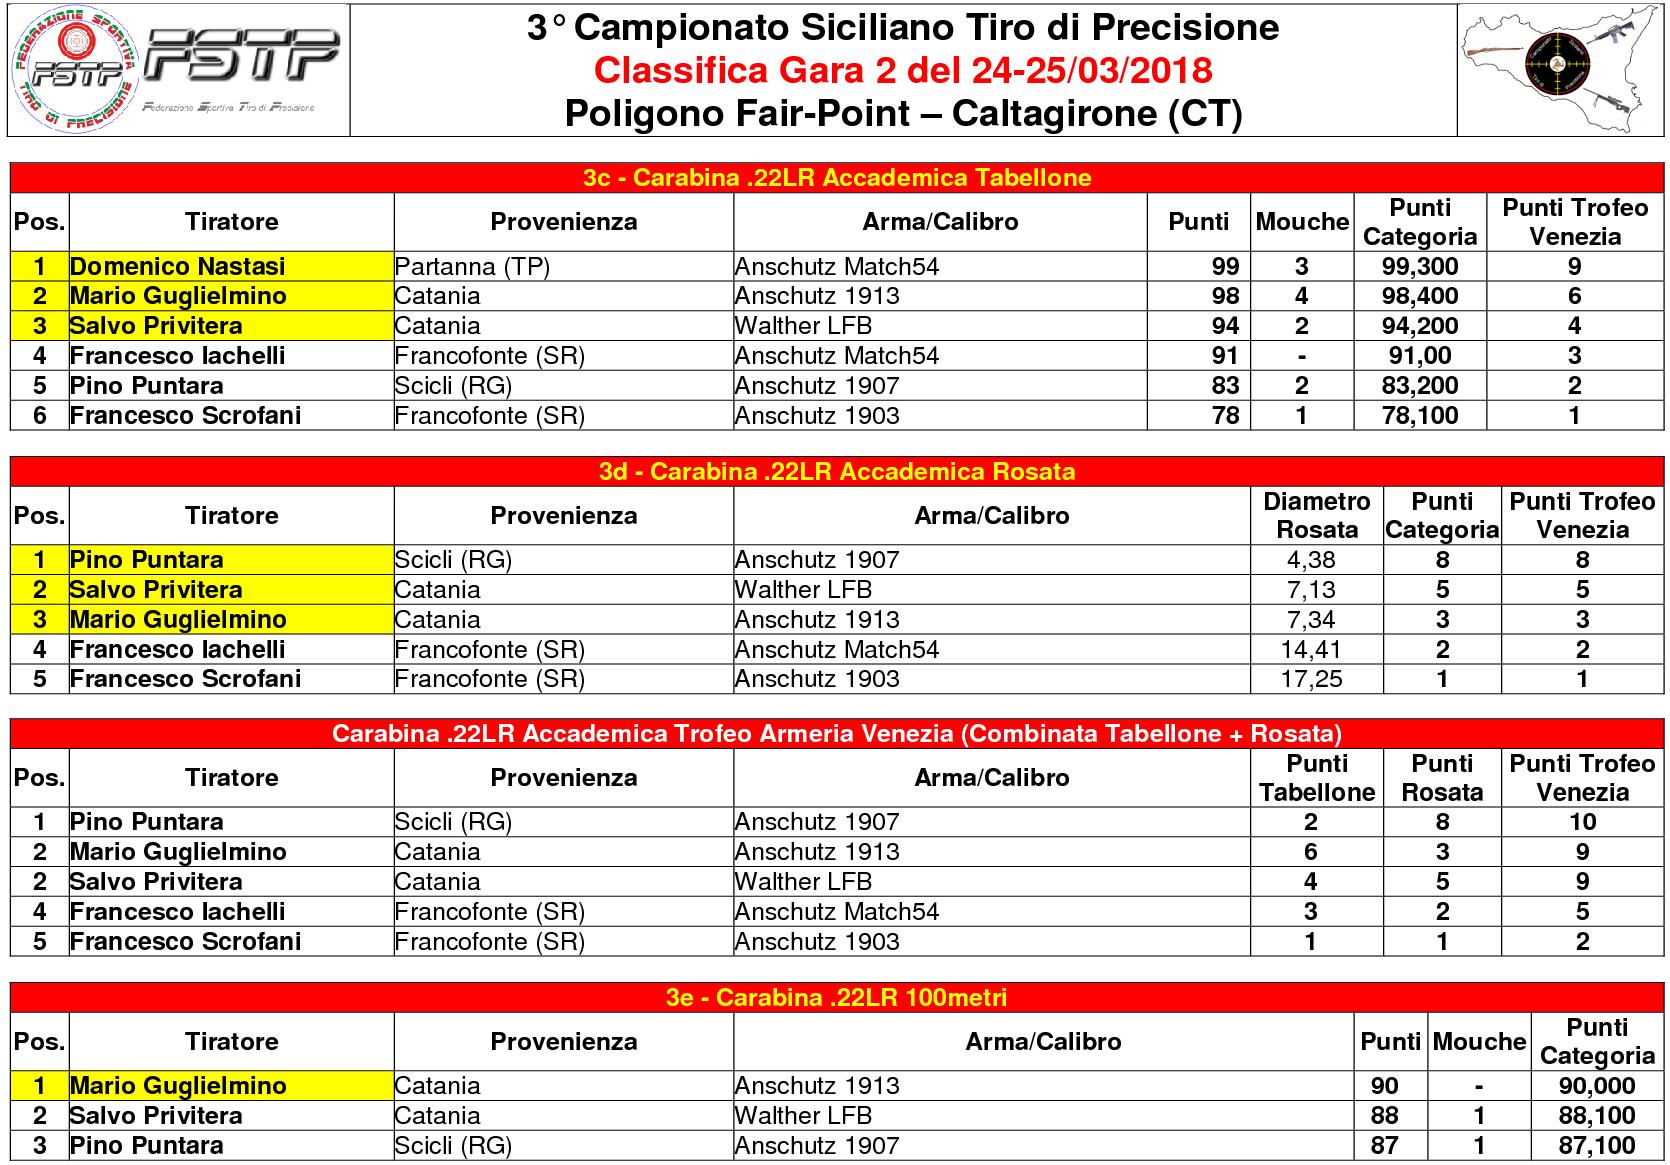 Classifica Gara 23